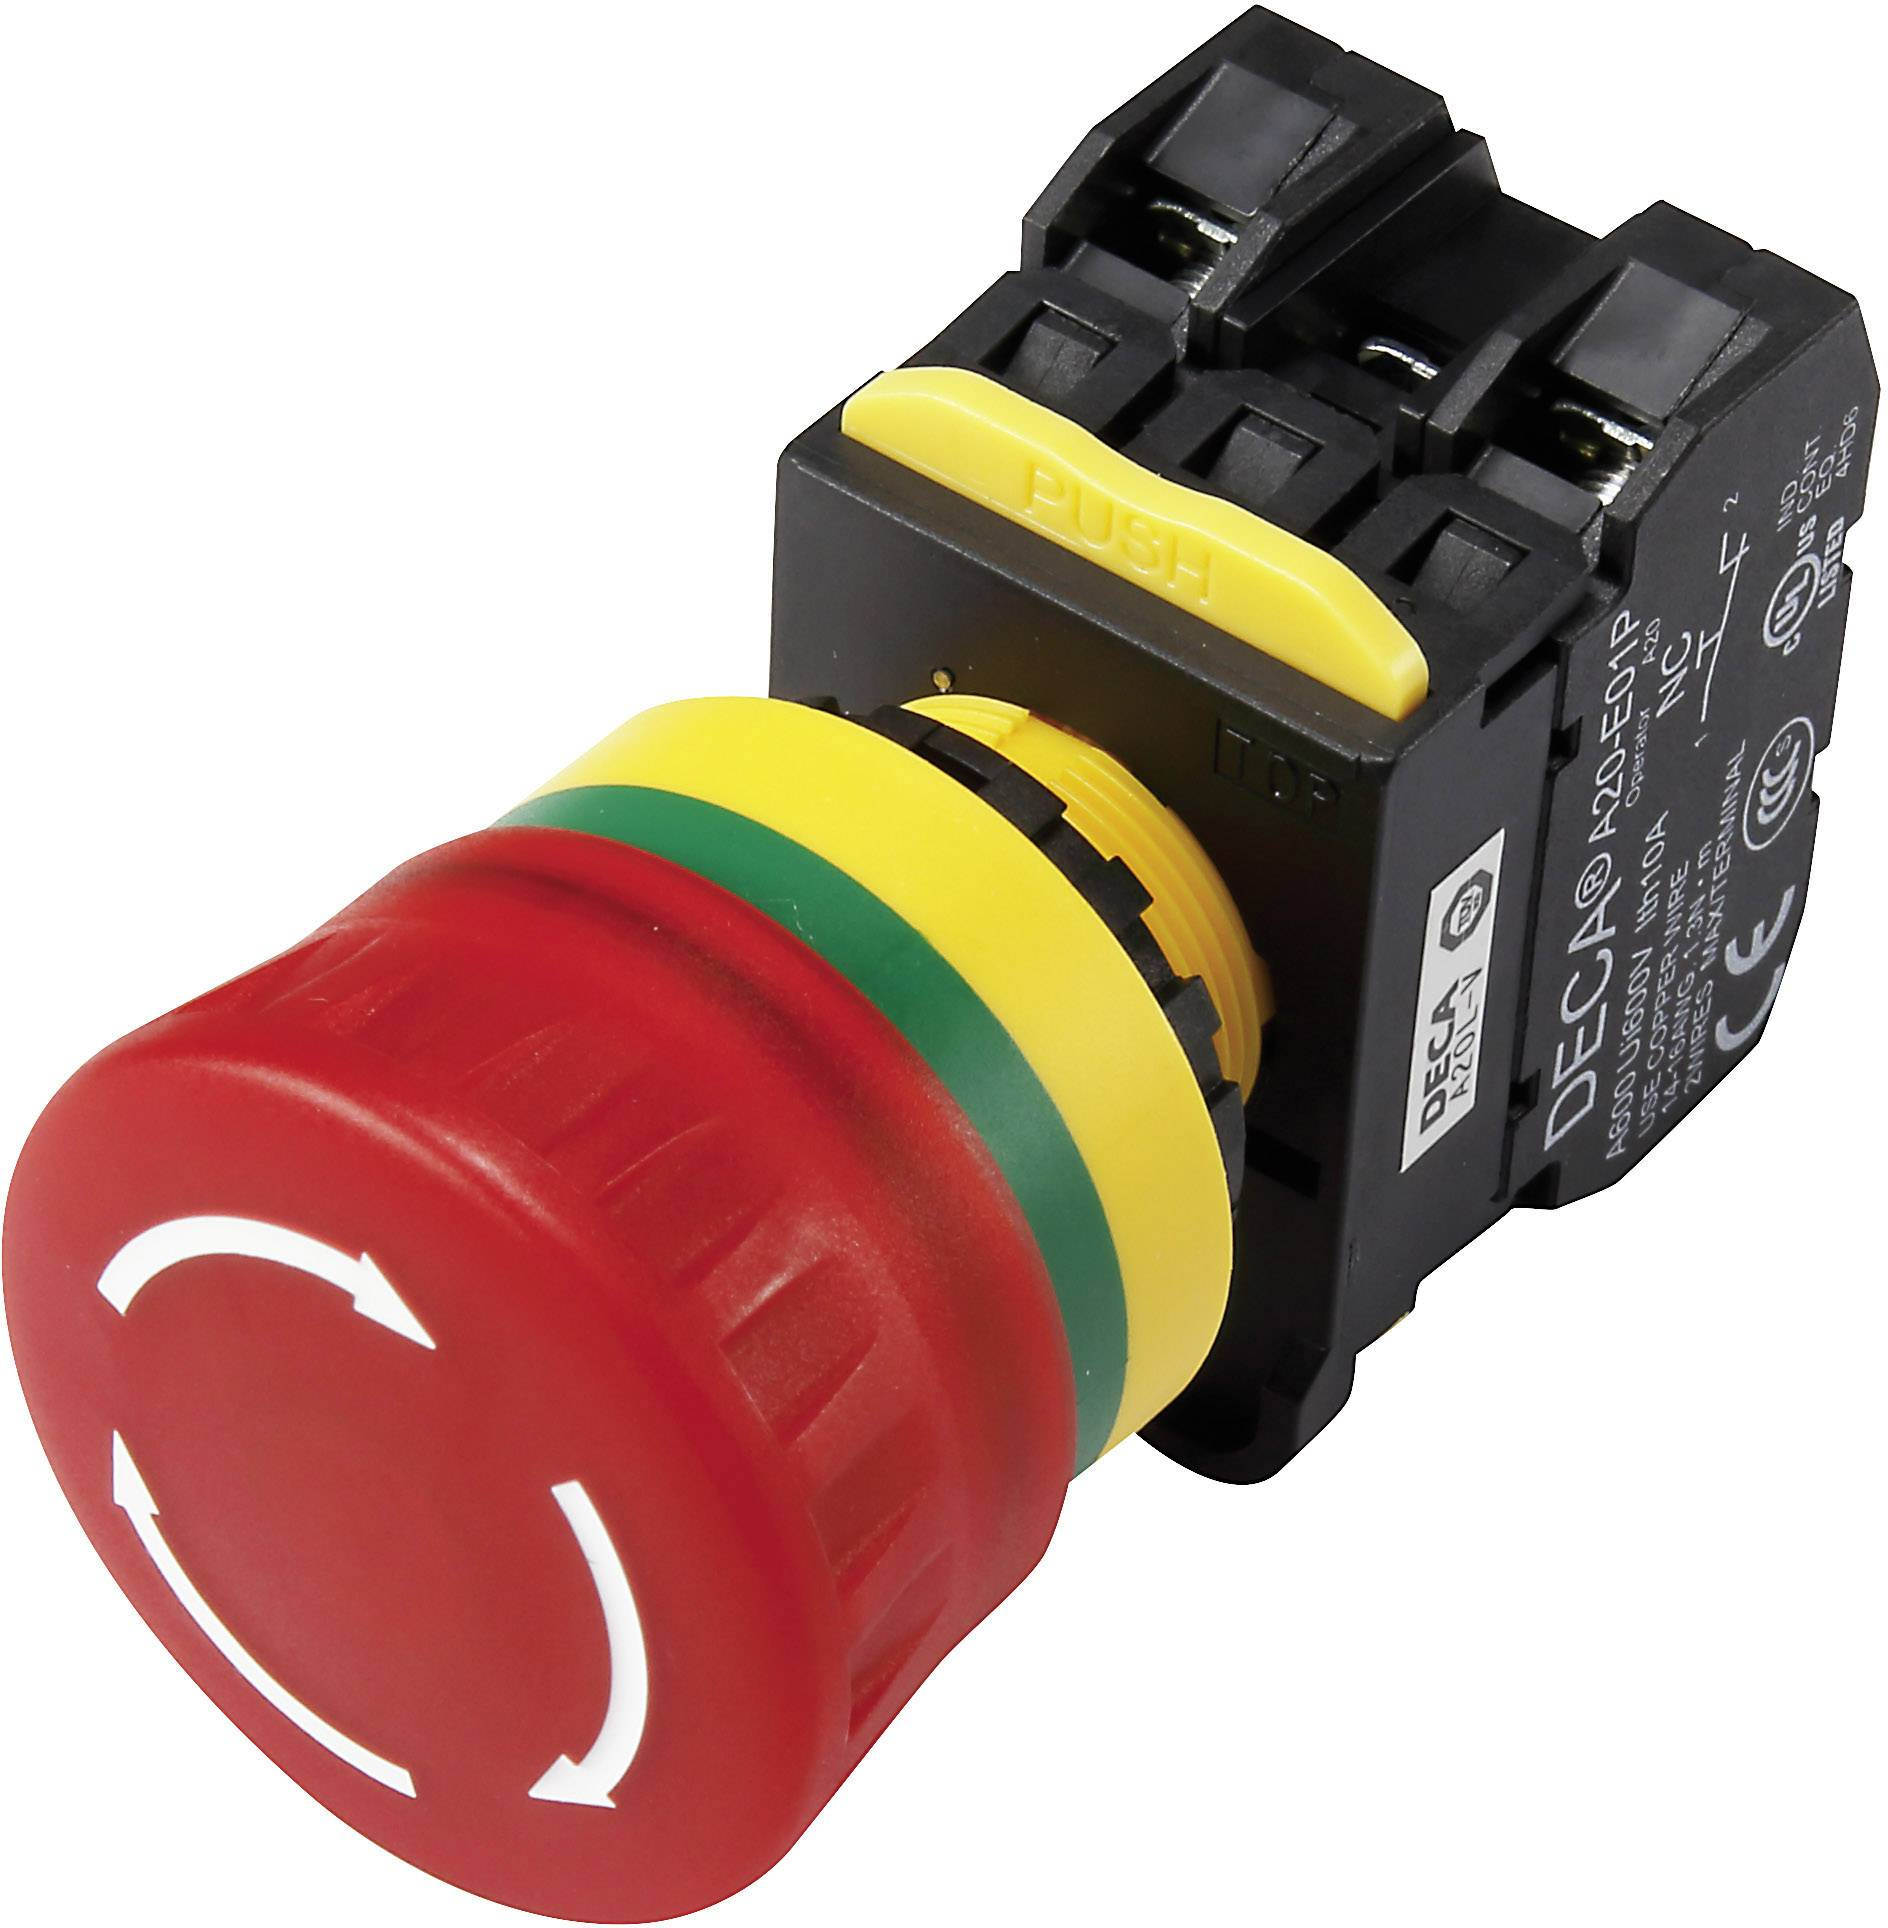 Núdzový vypínač s kontaktným prvkom DECA A20L-V4E10Q5R, 240 V/AC, 6 A